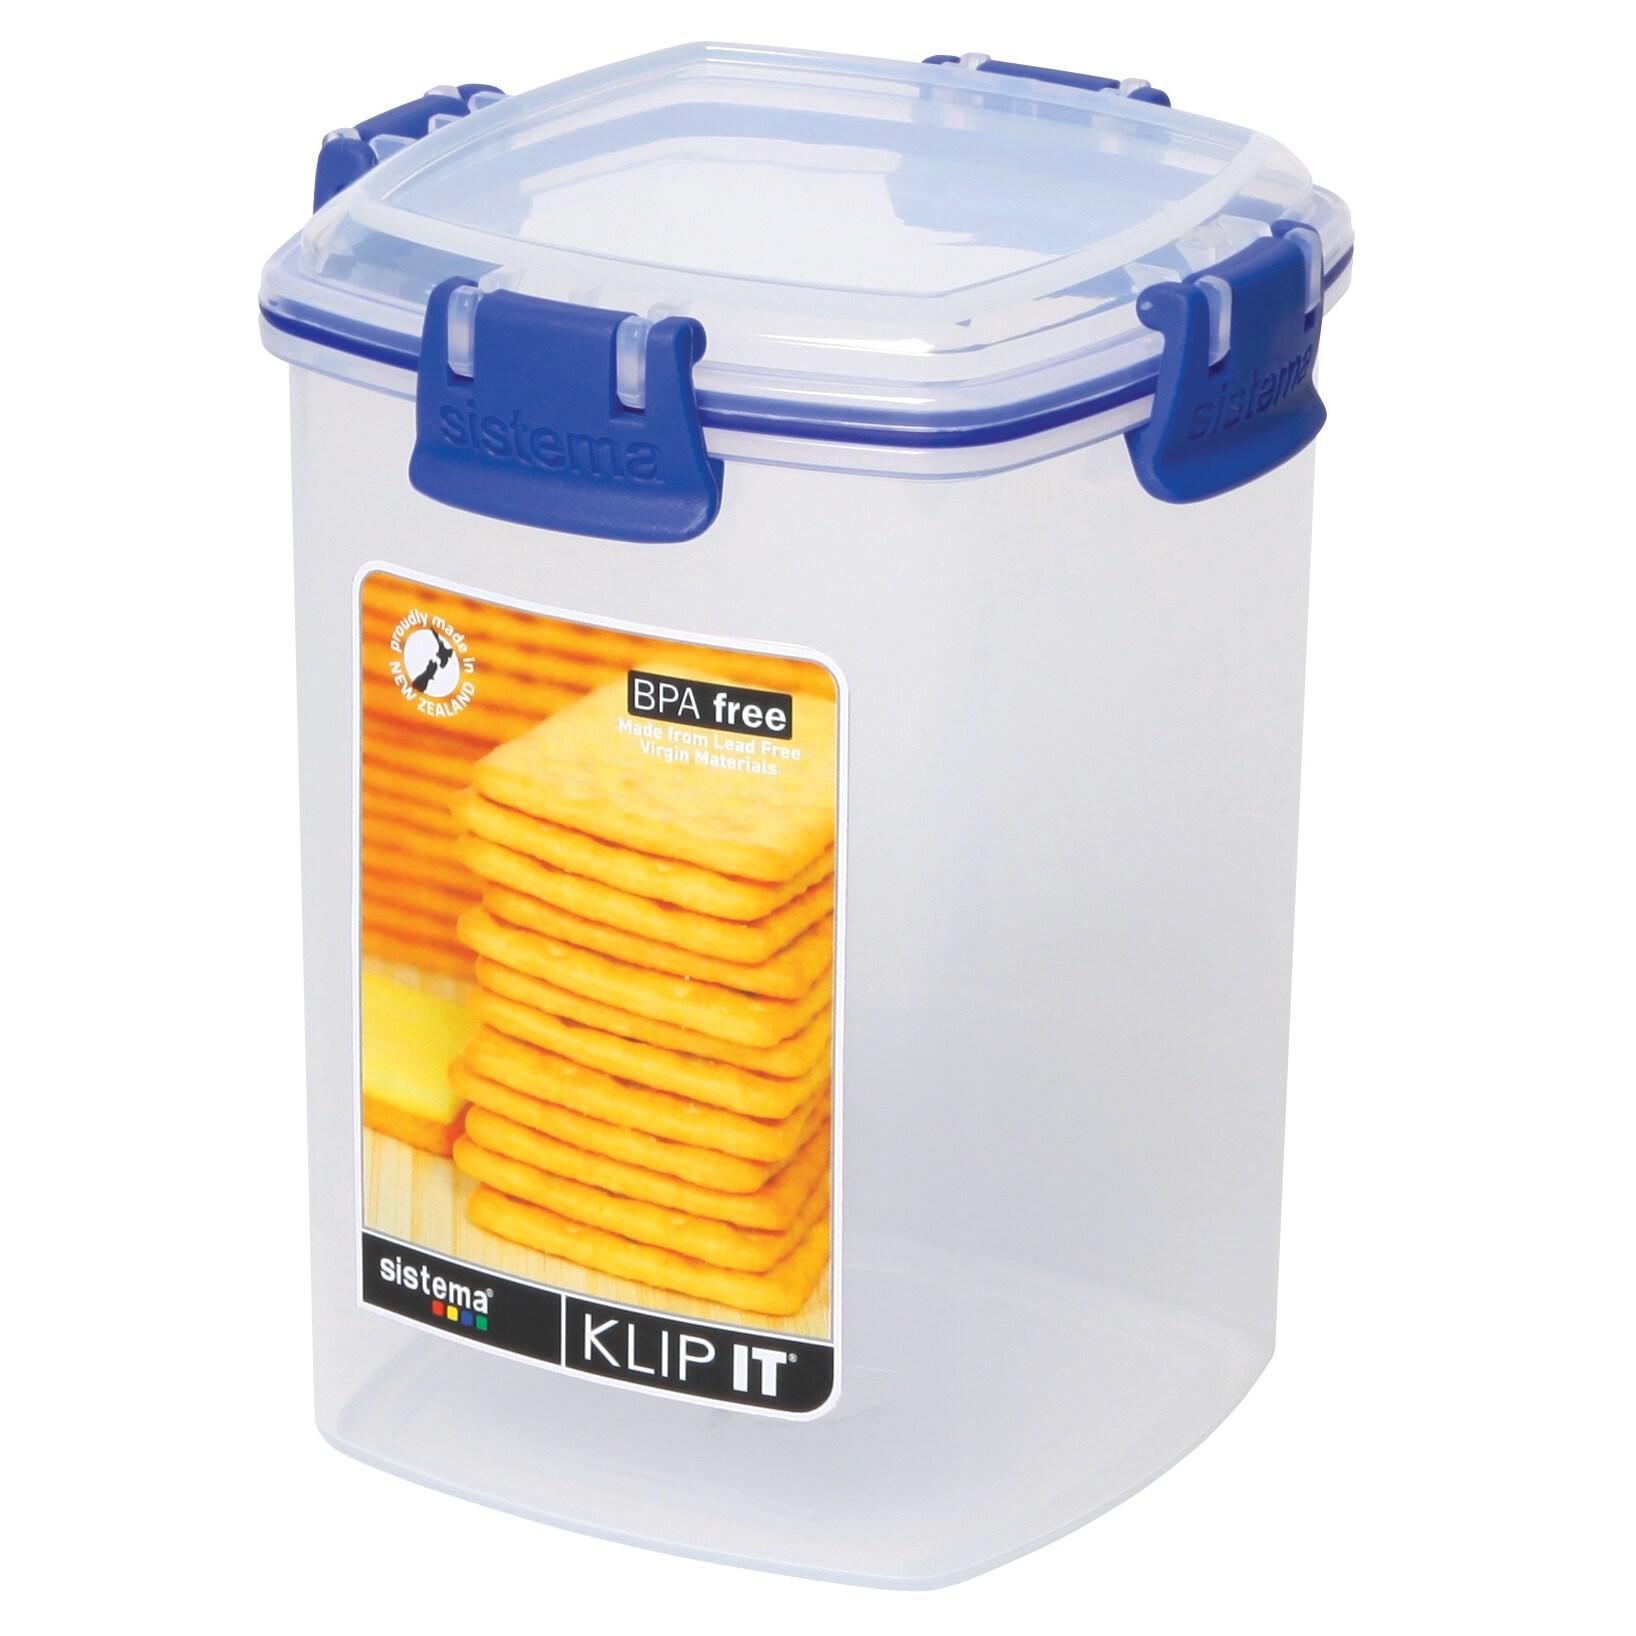 Sistema 1332 Medium Clear Klip It Cracker Container (Crac...